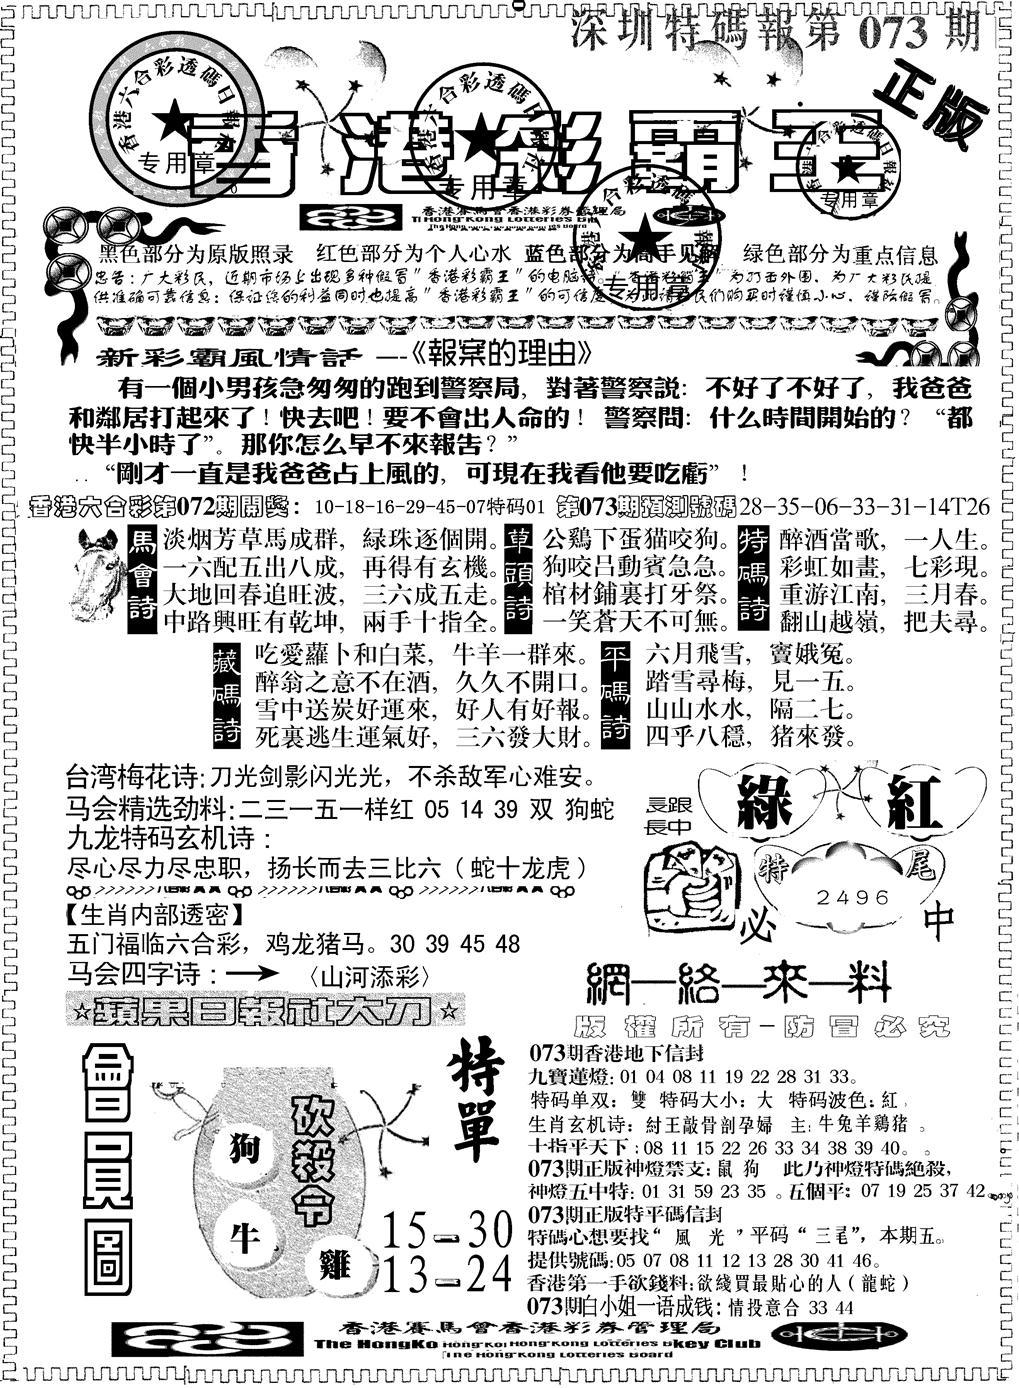 073期另版新版彩霸王A(黑白)